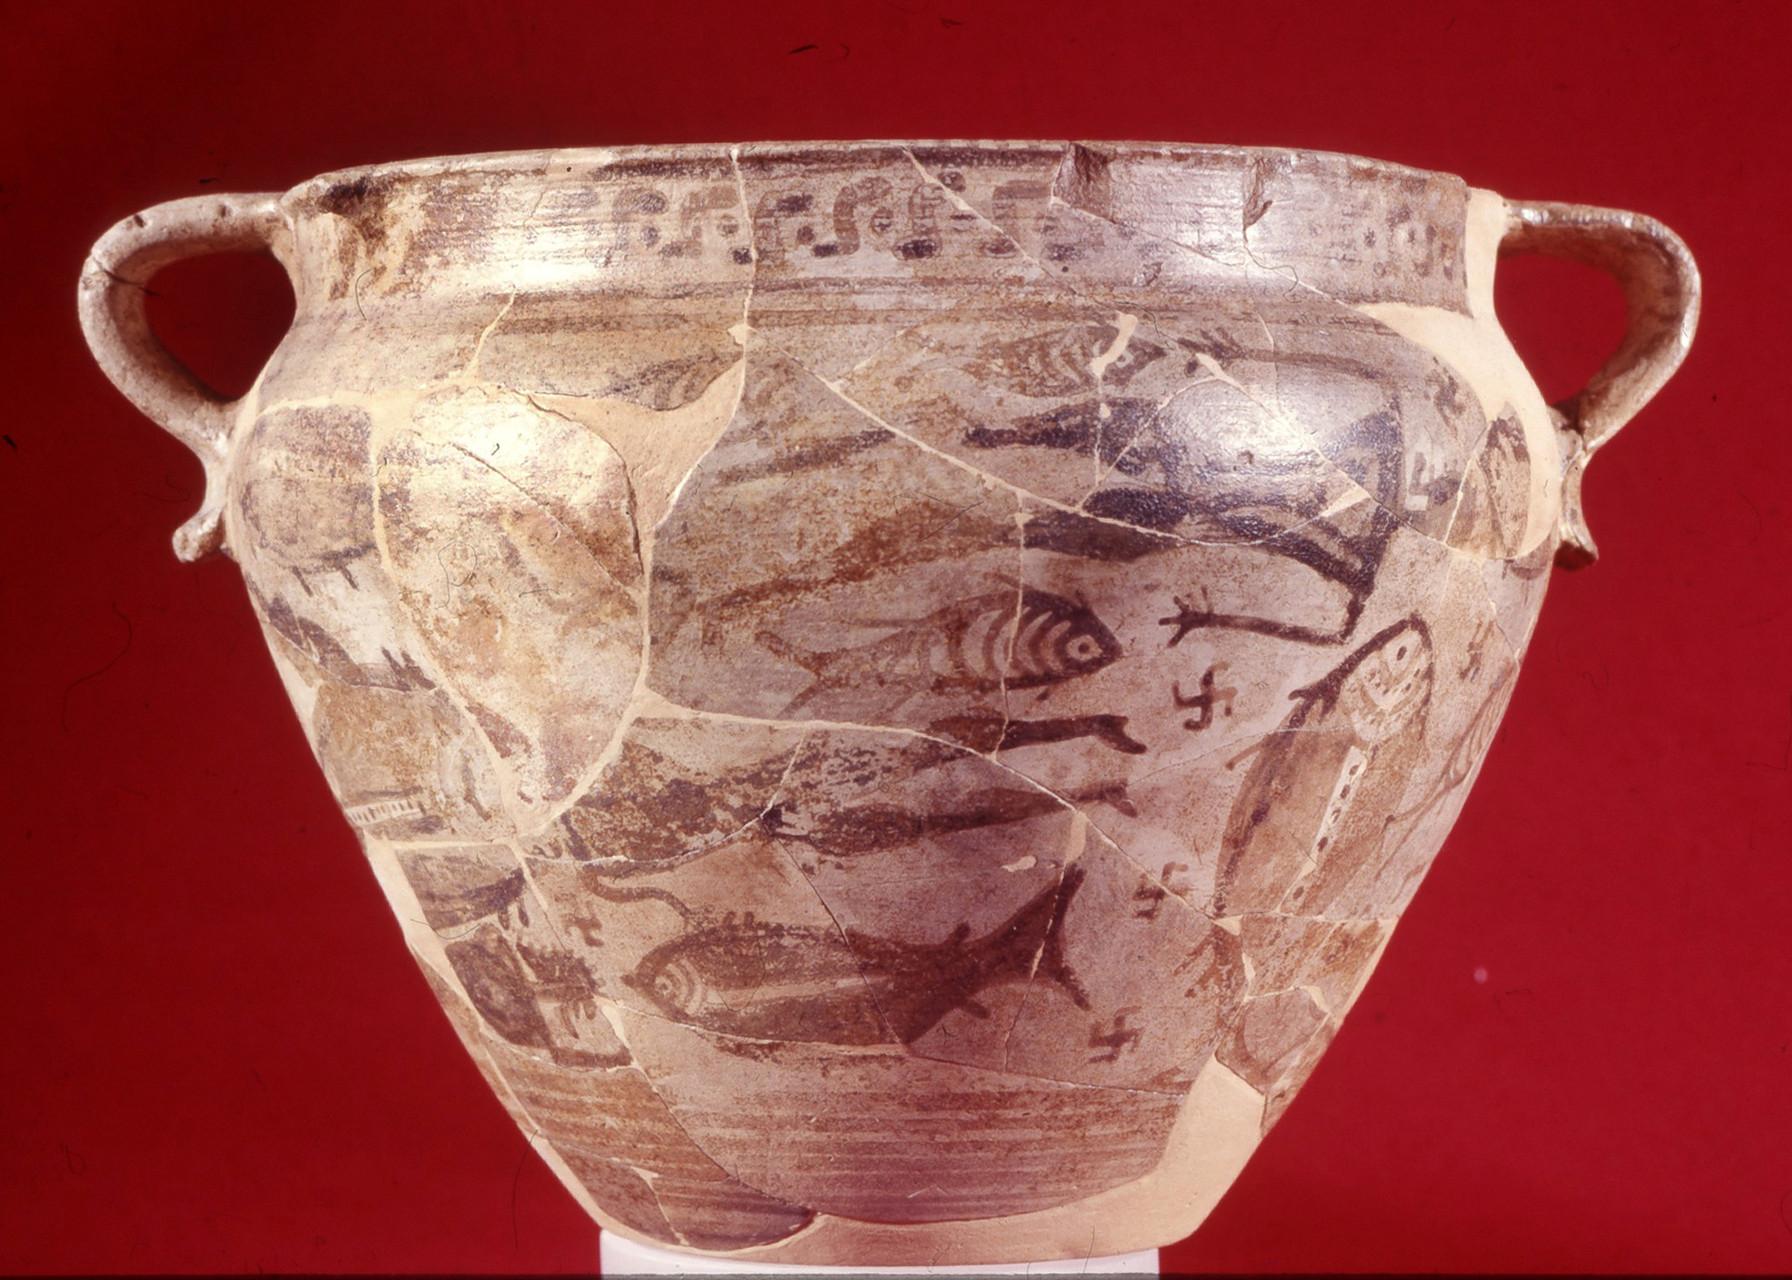 Cratere tardo-geometrico, c.d. Cratere del Naufragio Argilla, 725-700 a.C. Museo Archeologico di Pithecusae, Villa arbusto, Lacco Ameno